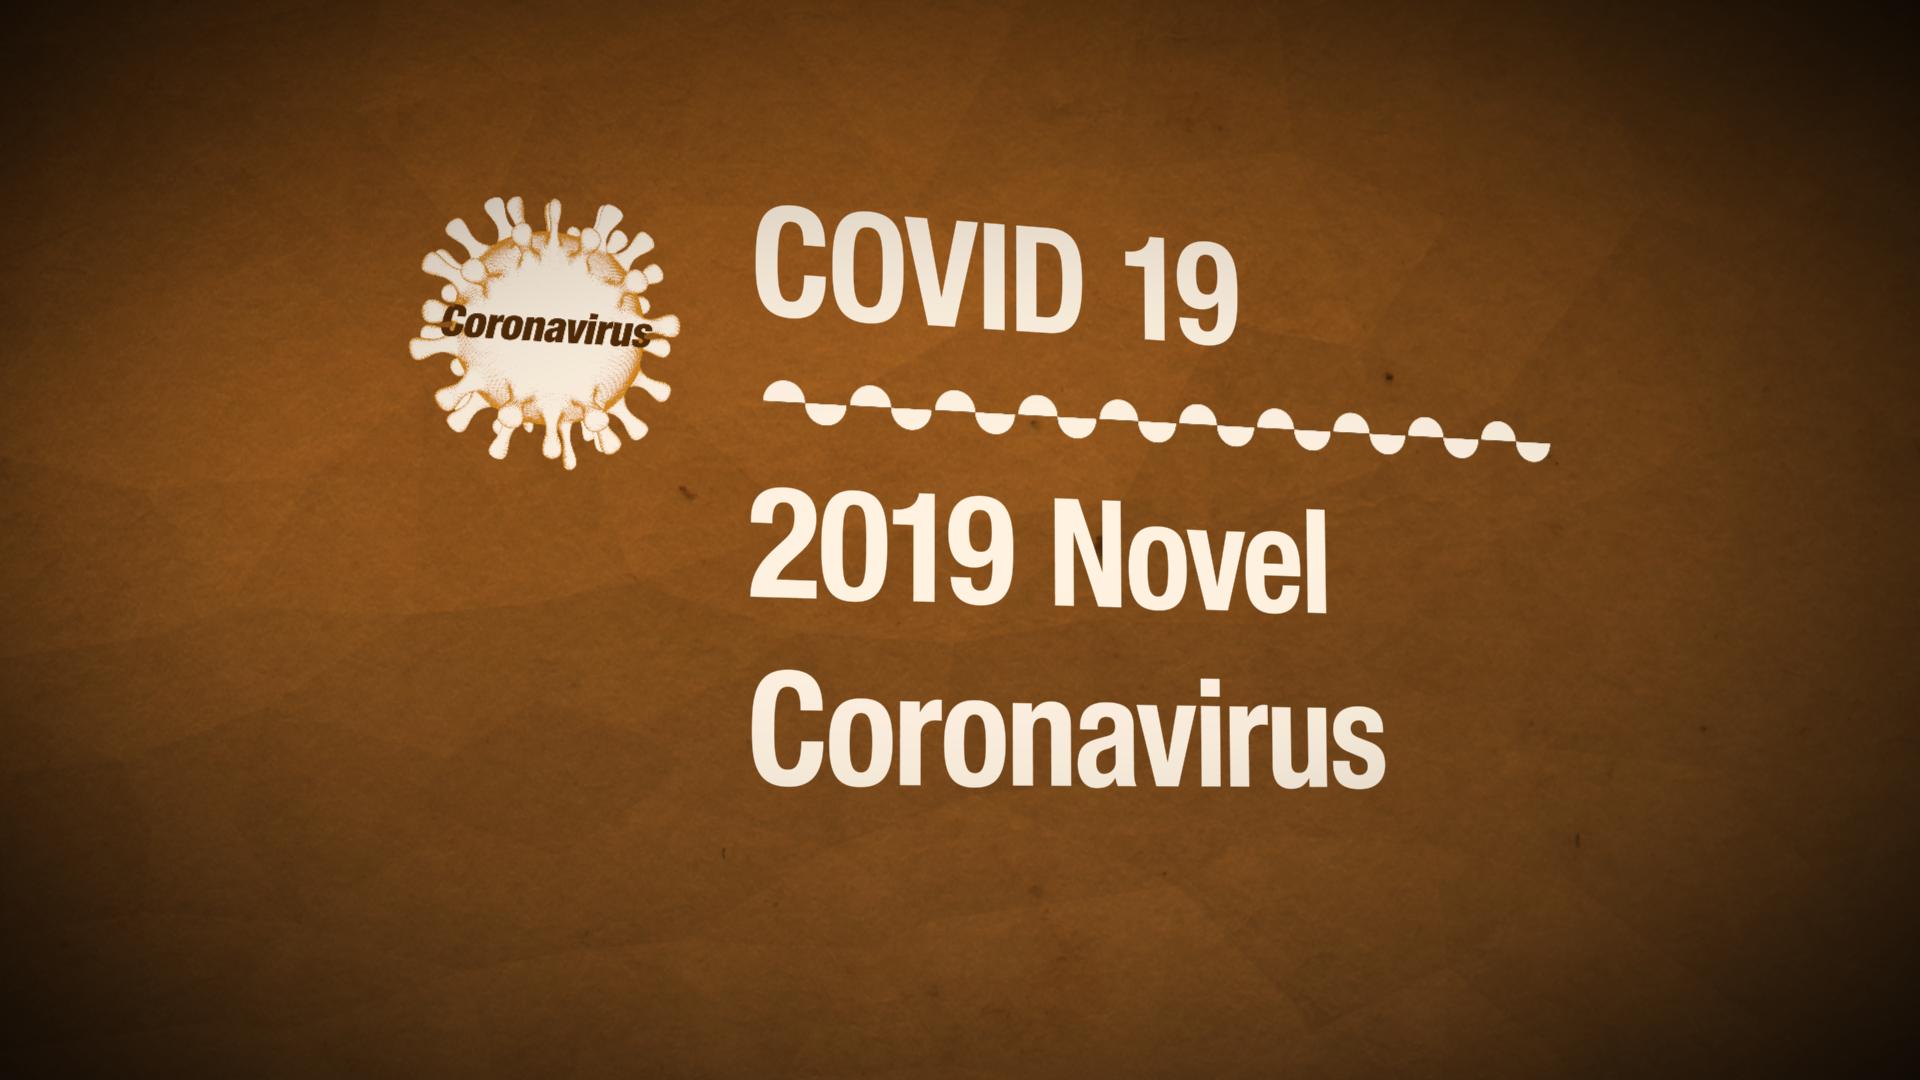 Coronavirus Awareness Video youtube thumbnail